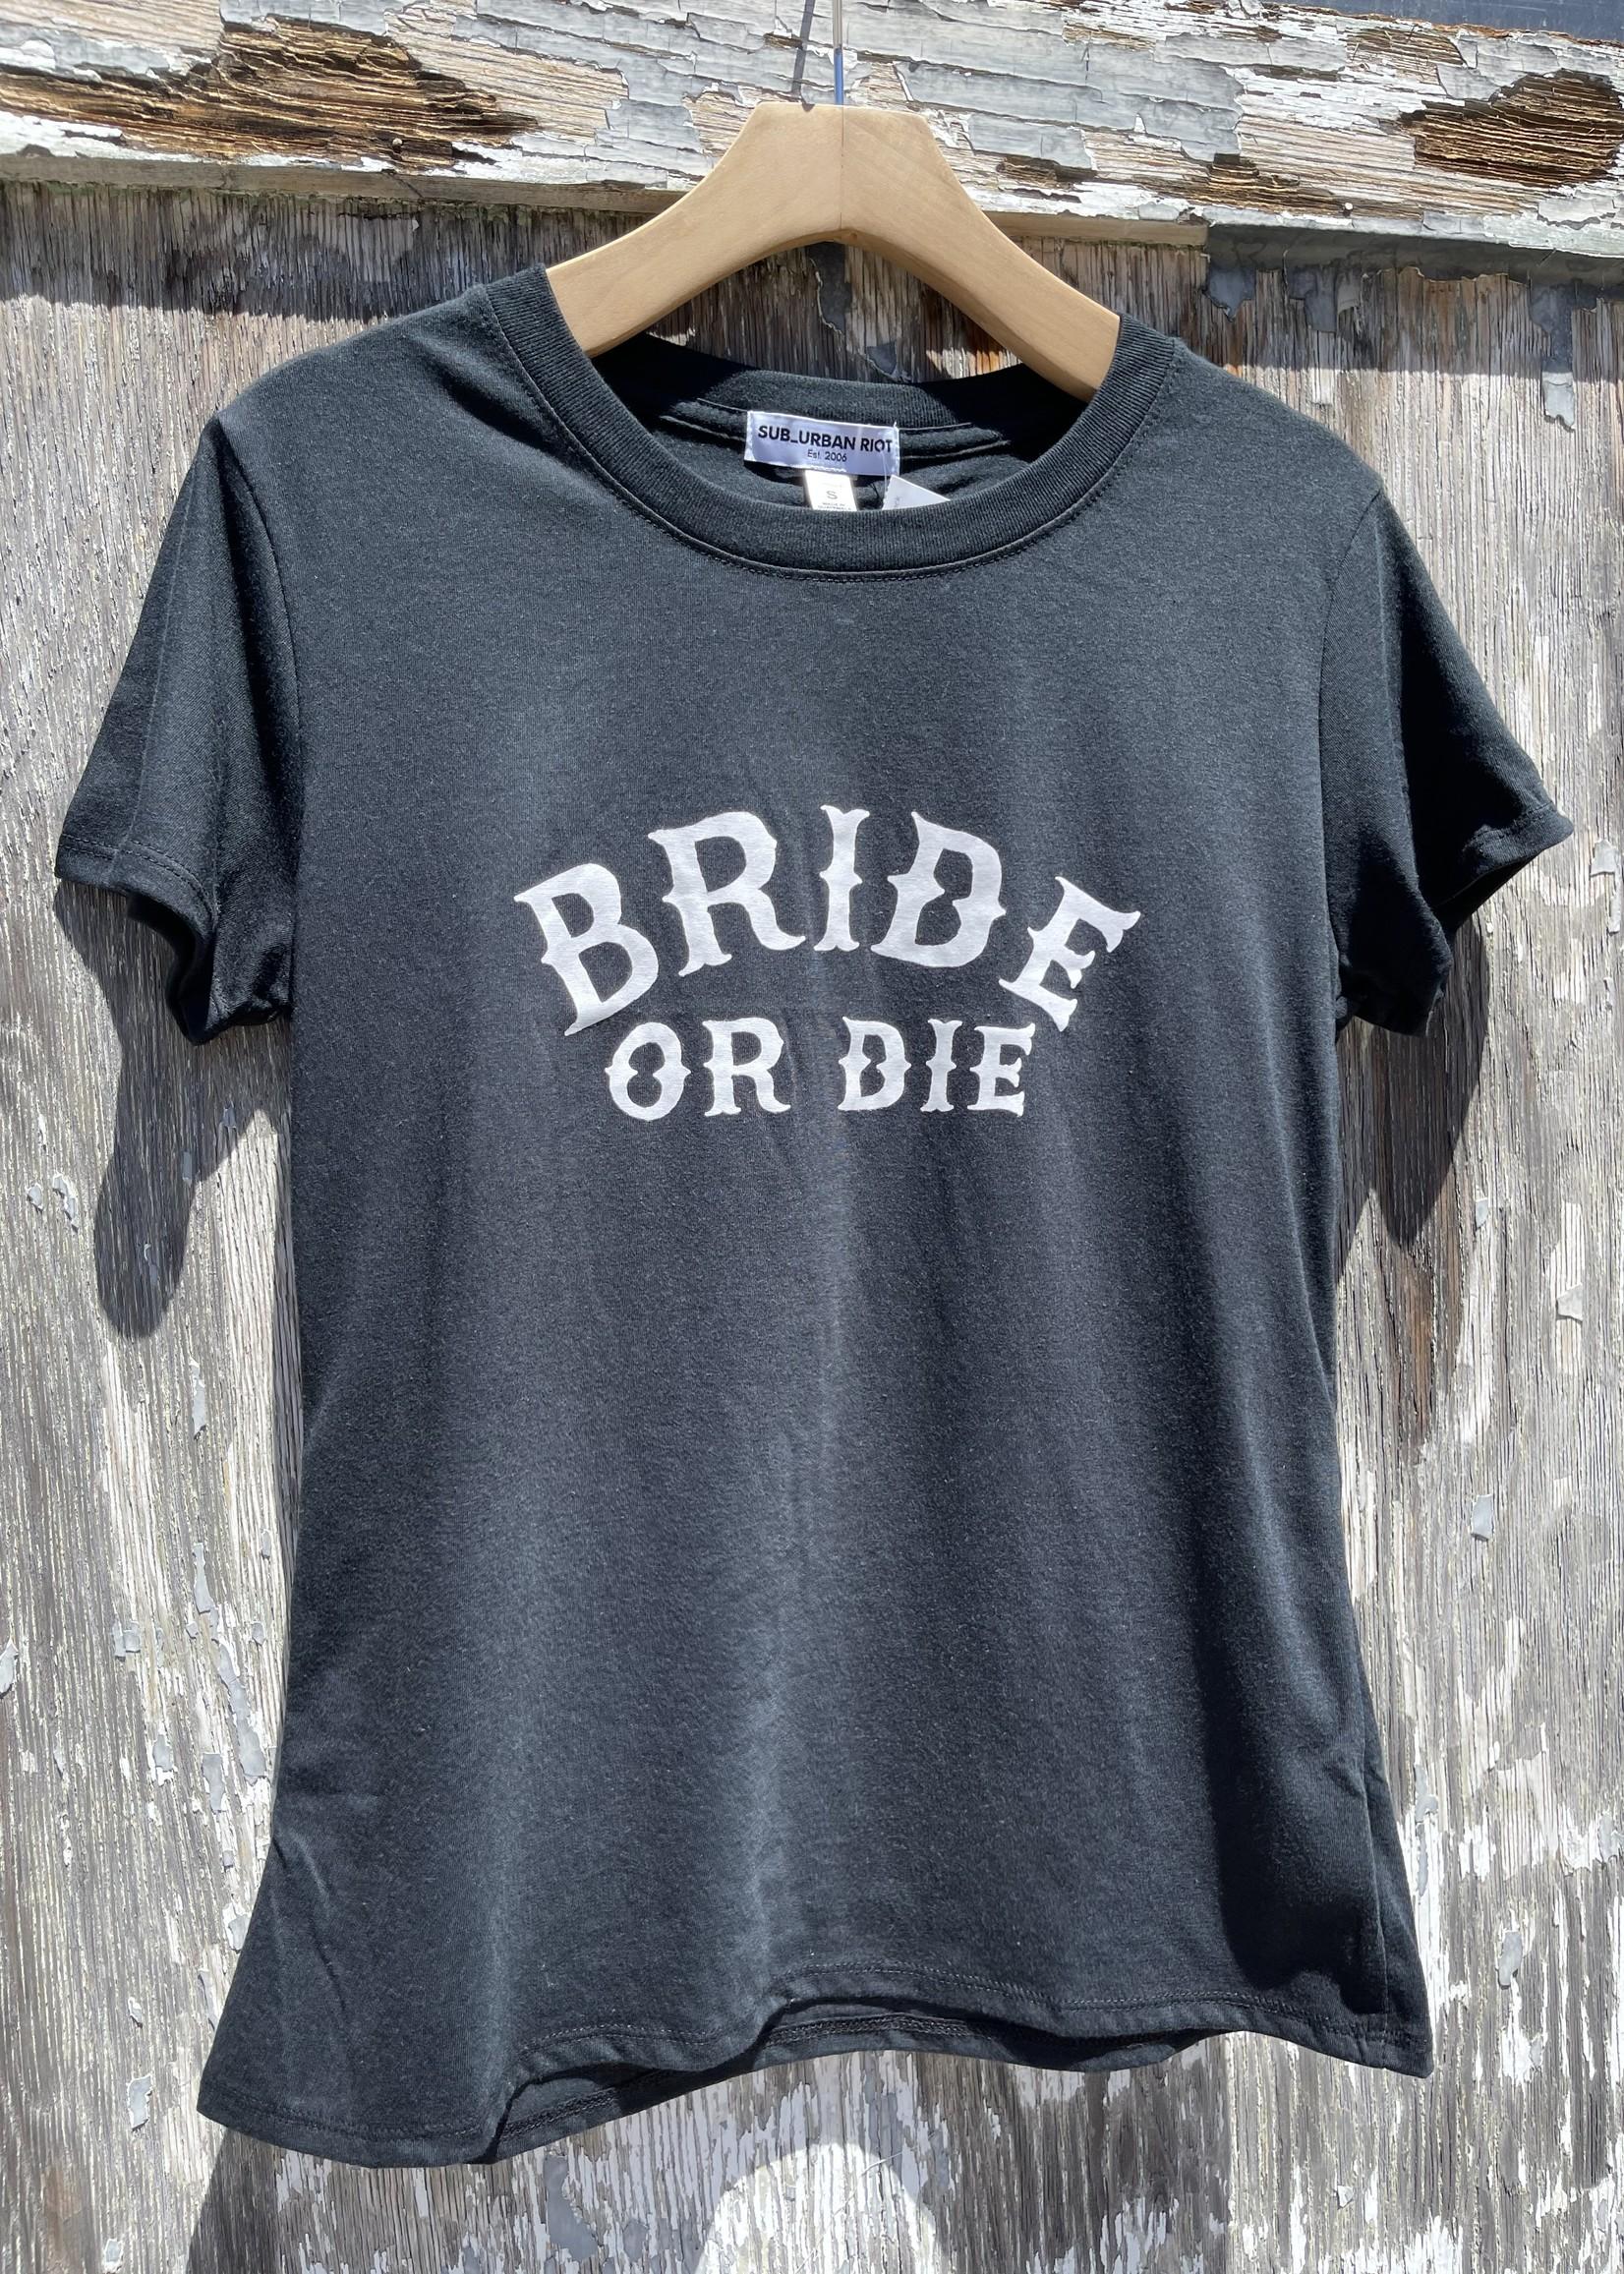 Bride Or Die Tee